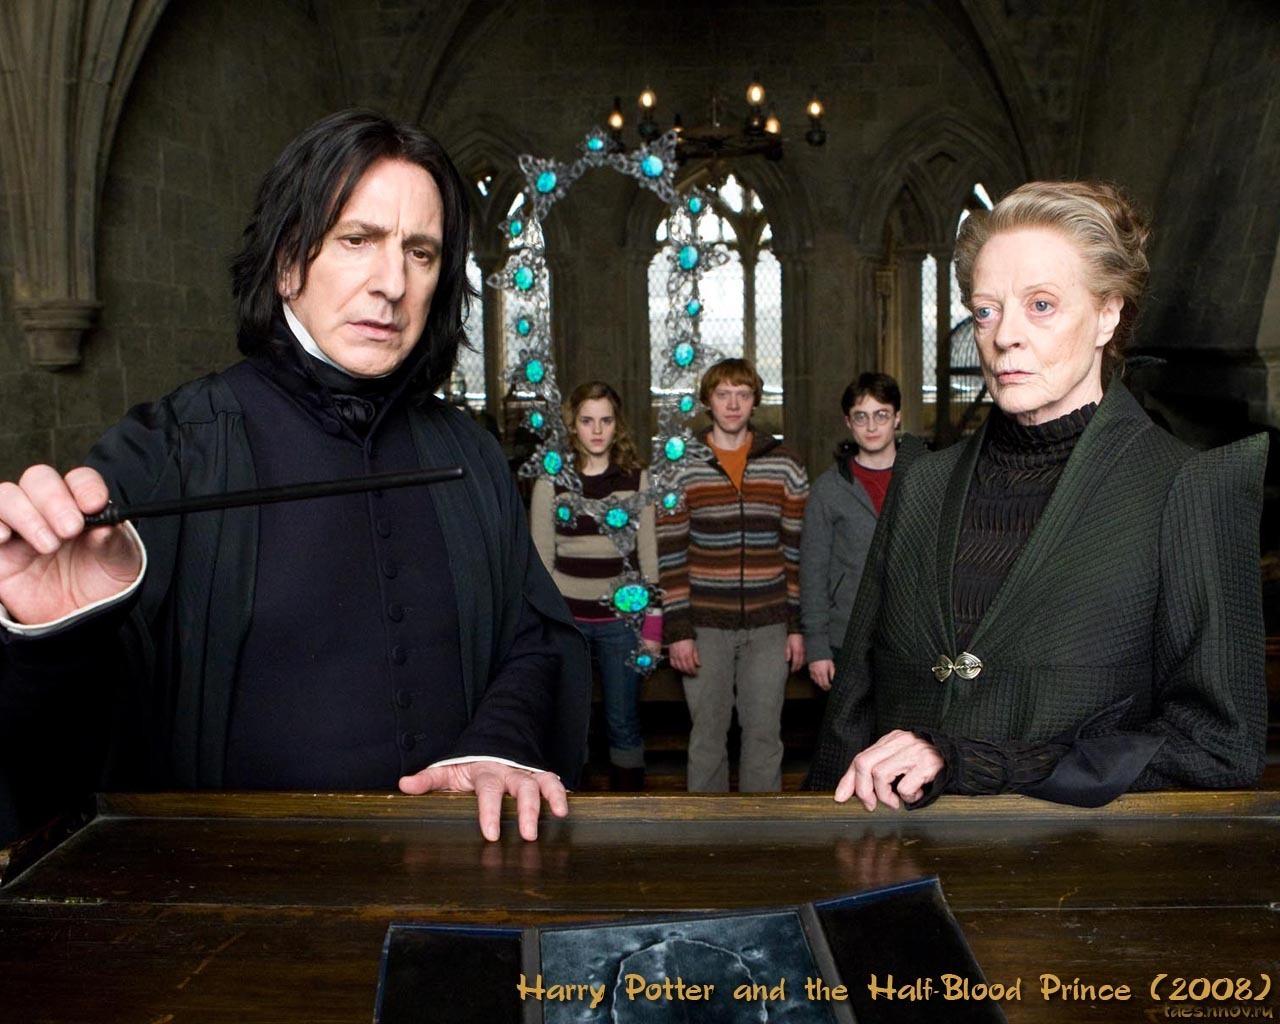 Severus-Snape-HBP-severus-snape-6916025-1280-1024.jpg